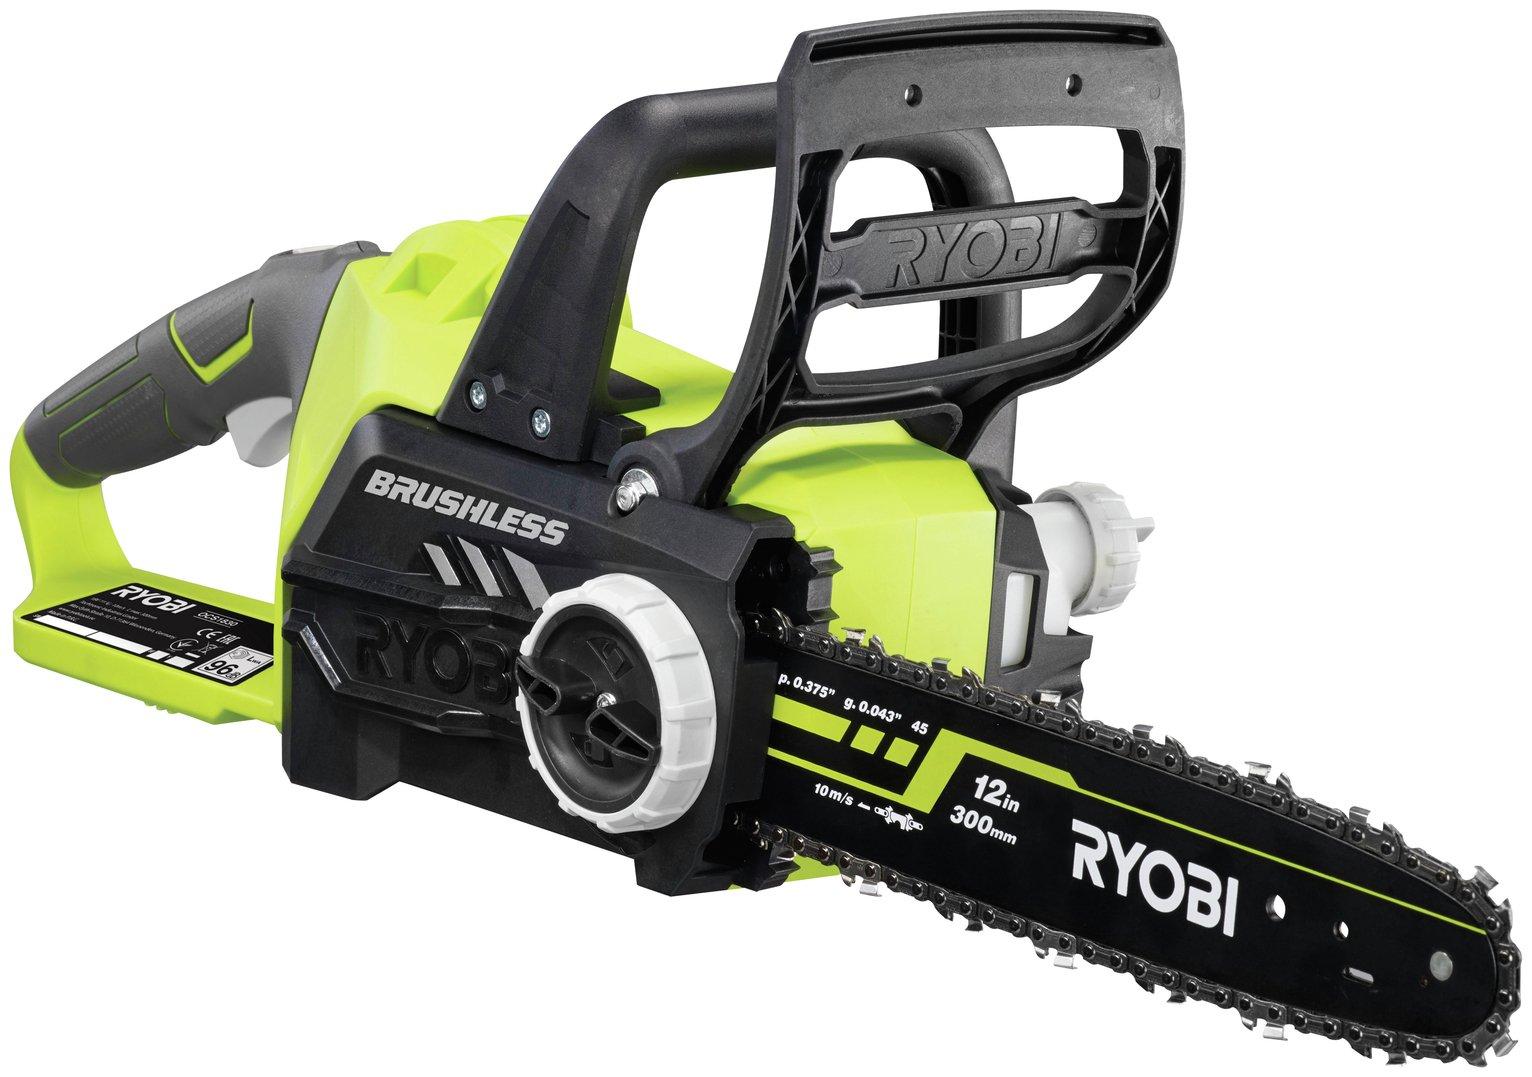 Ryobi OCS1830 ONE+ Cordless Brushless Chainsaw - 18V